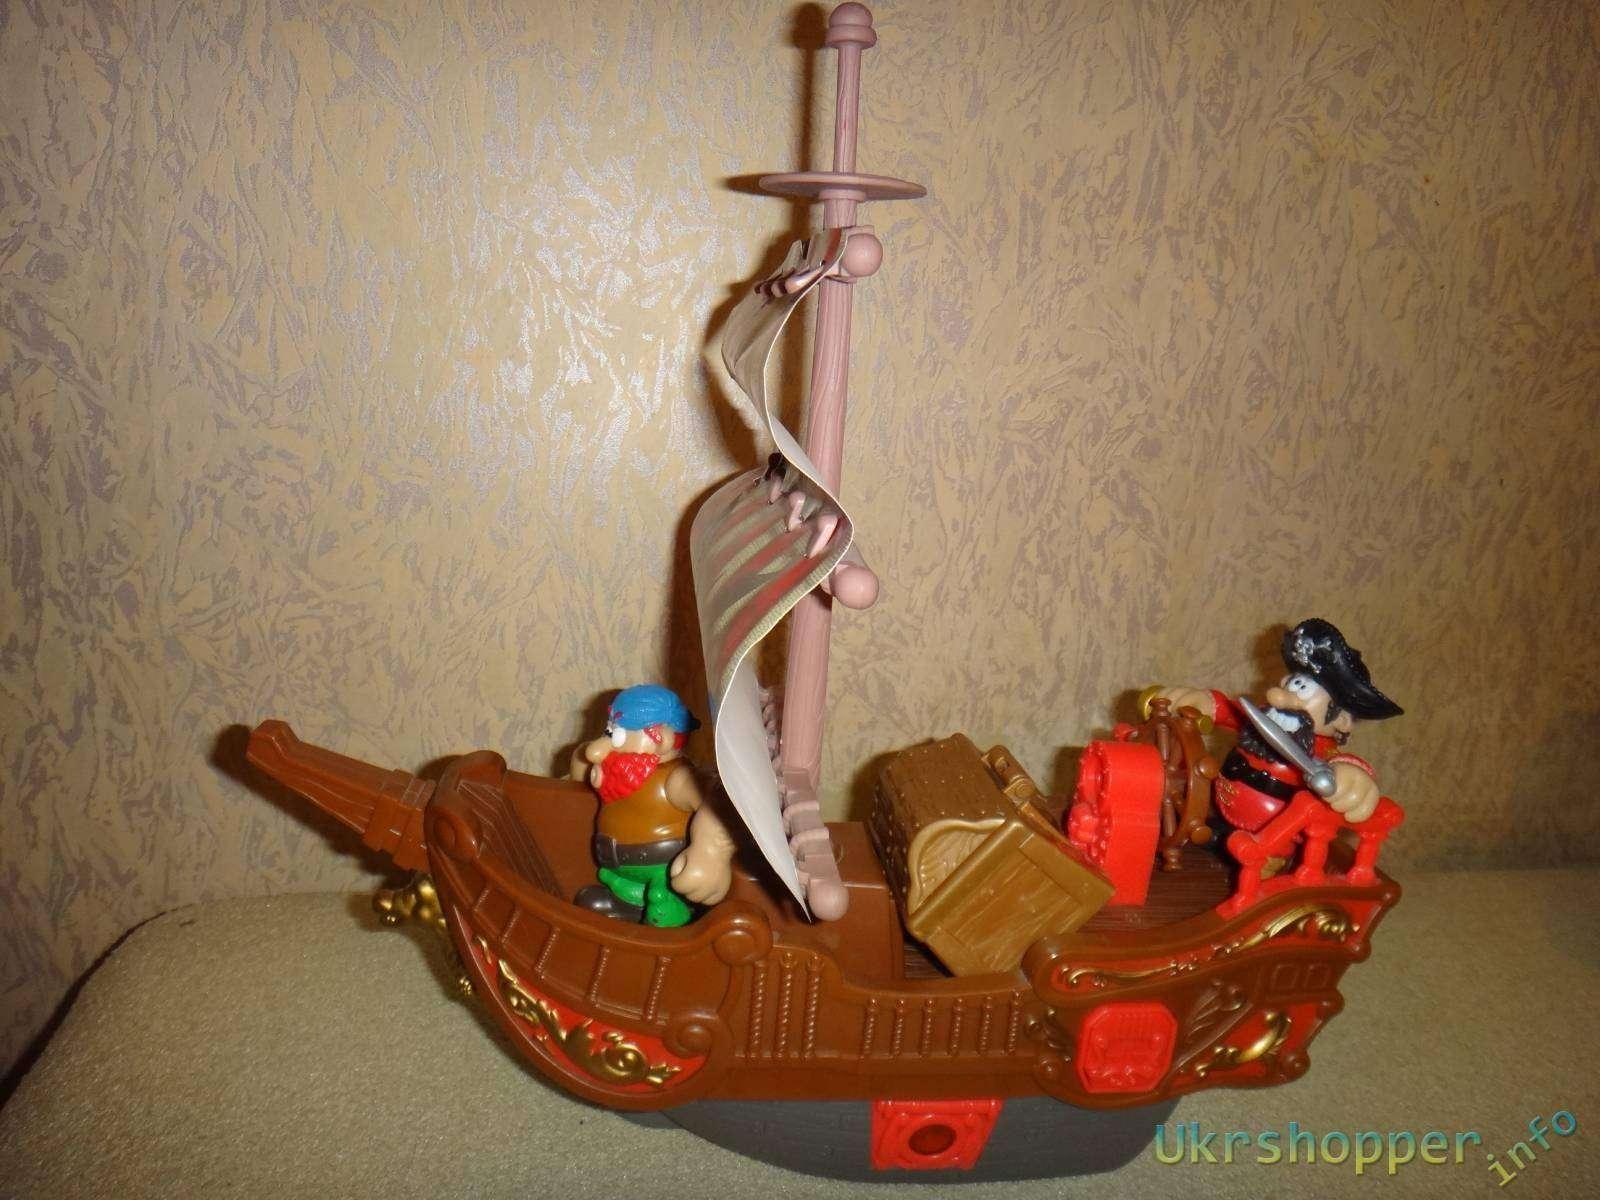 Amazon: Обзор детской игрушки 'Пиратский корабль' фирмы Keenway